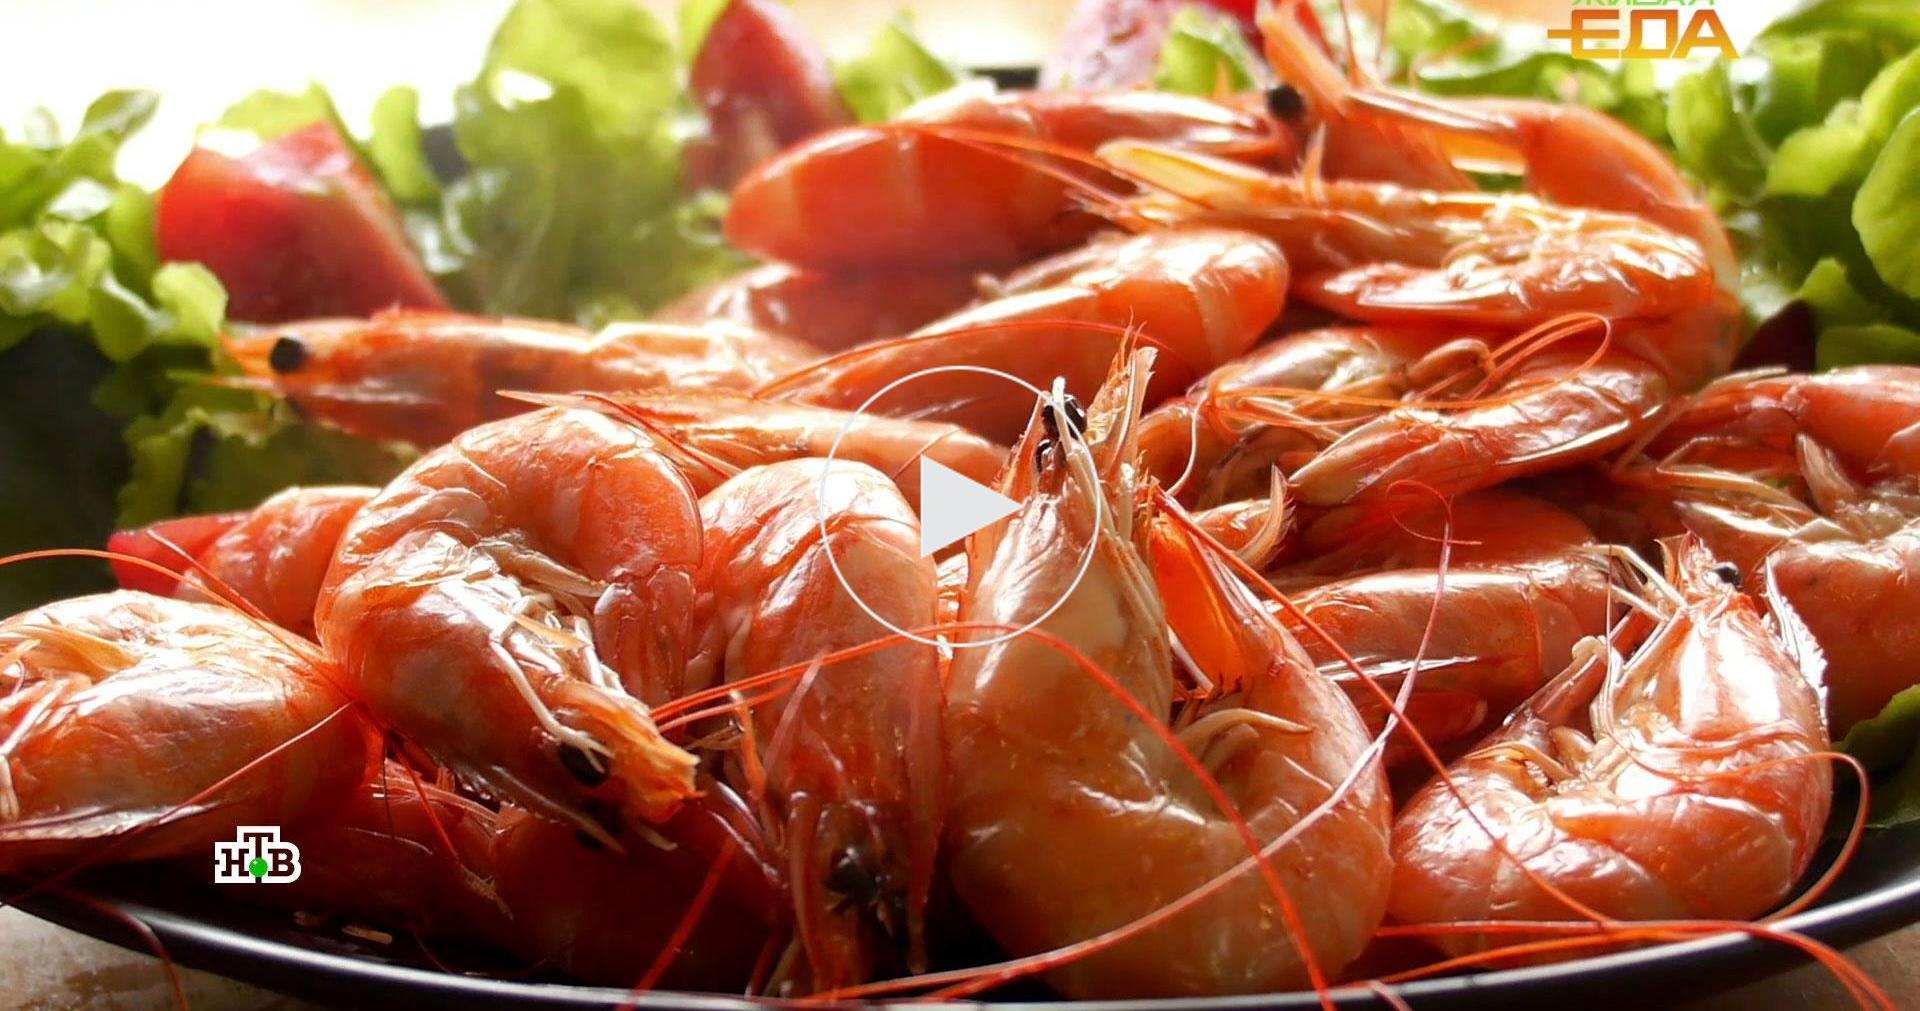 Морские гады: необычные иполезные блюда скреветками